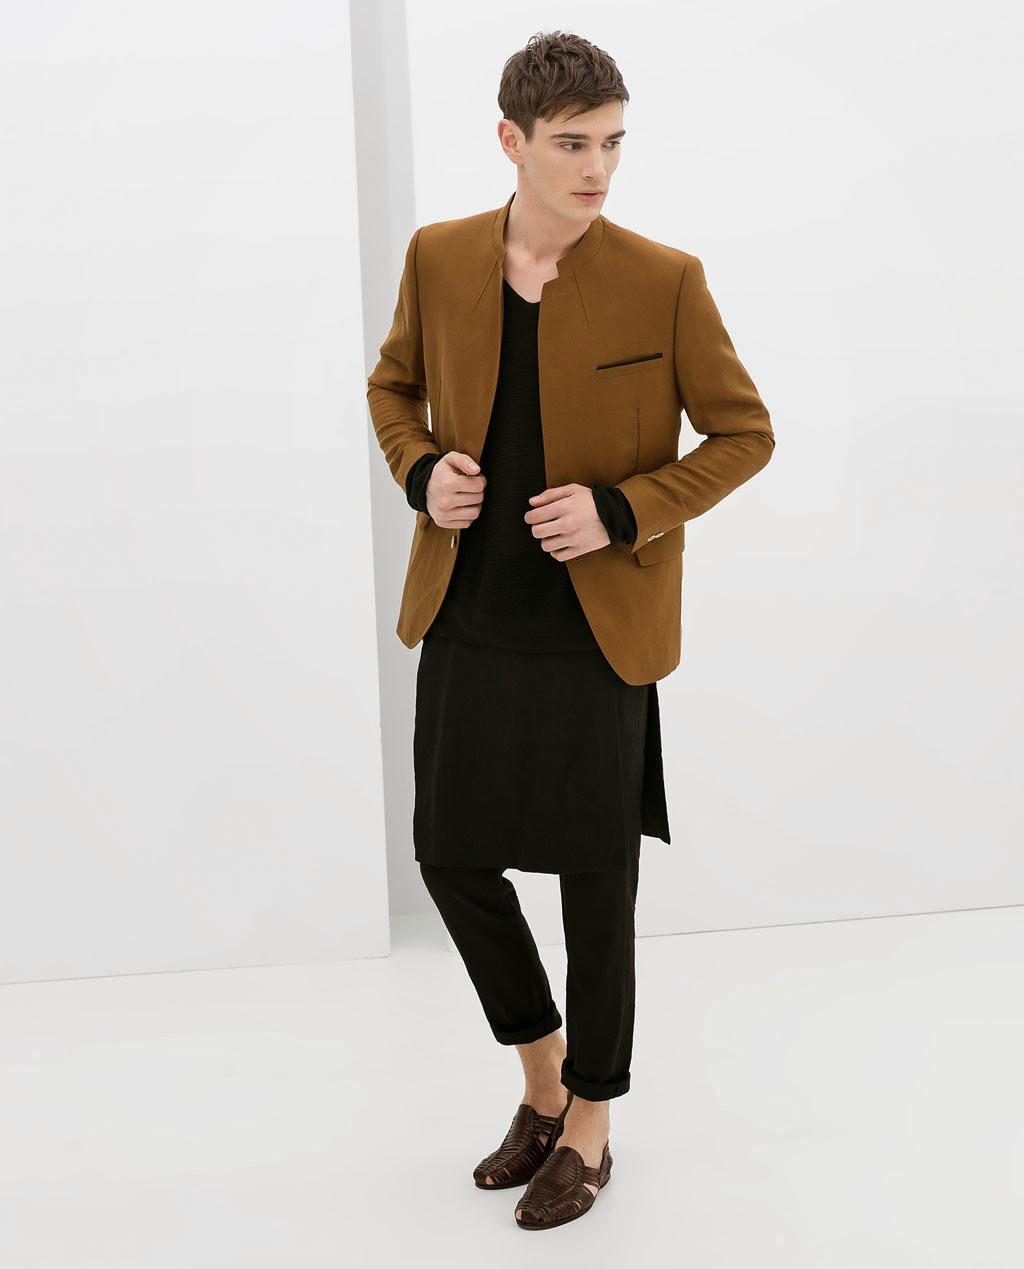 Photo of Zara propune fusta-pantalon pentru bărbat! Teoria genului se răspândește…